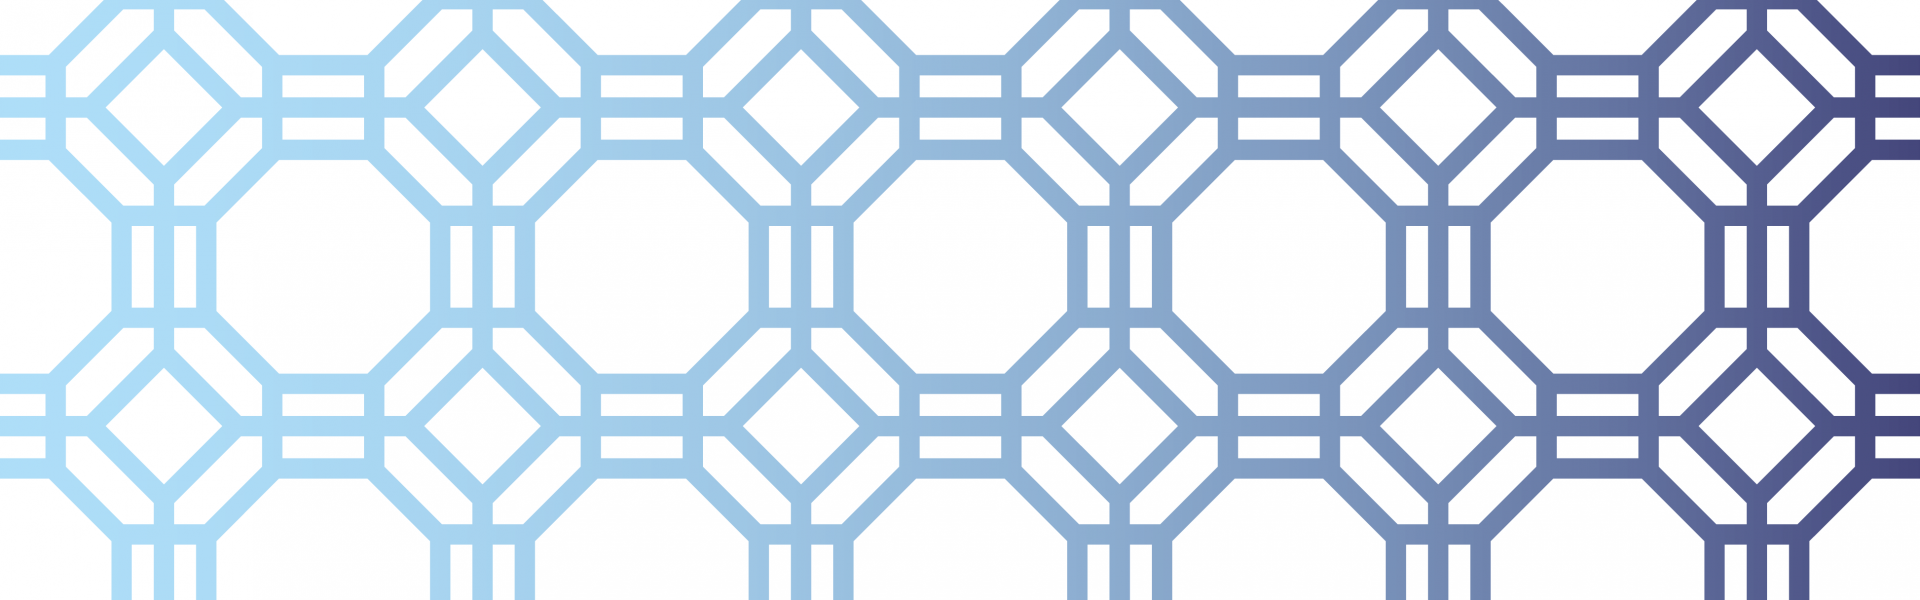 Intro Block